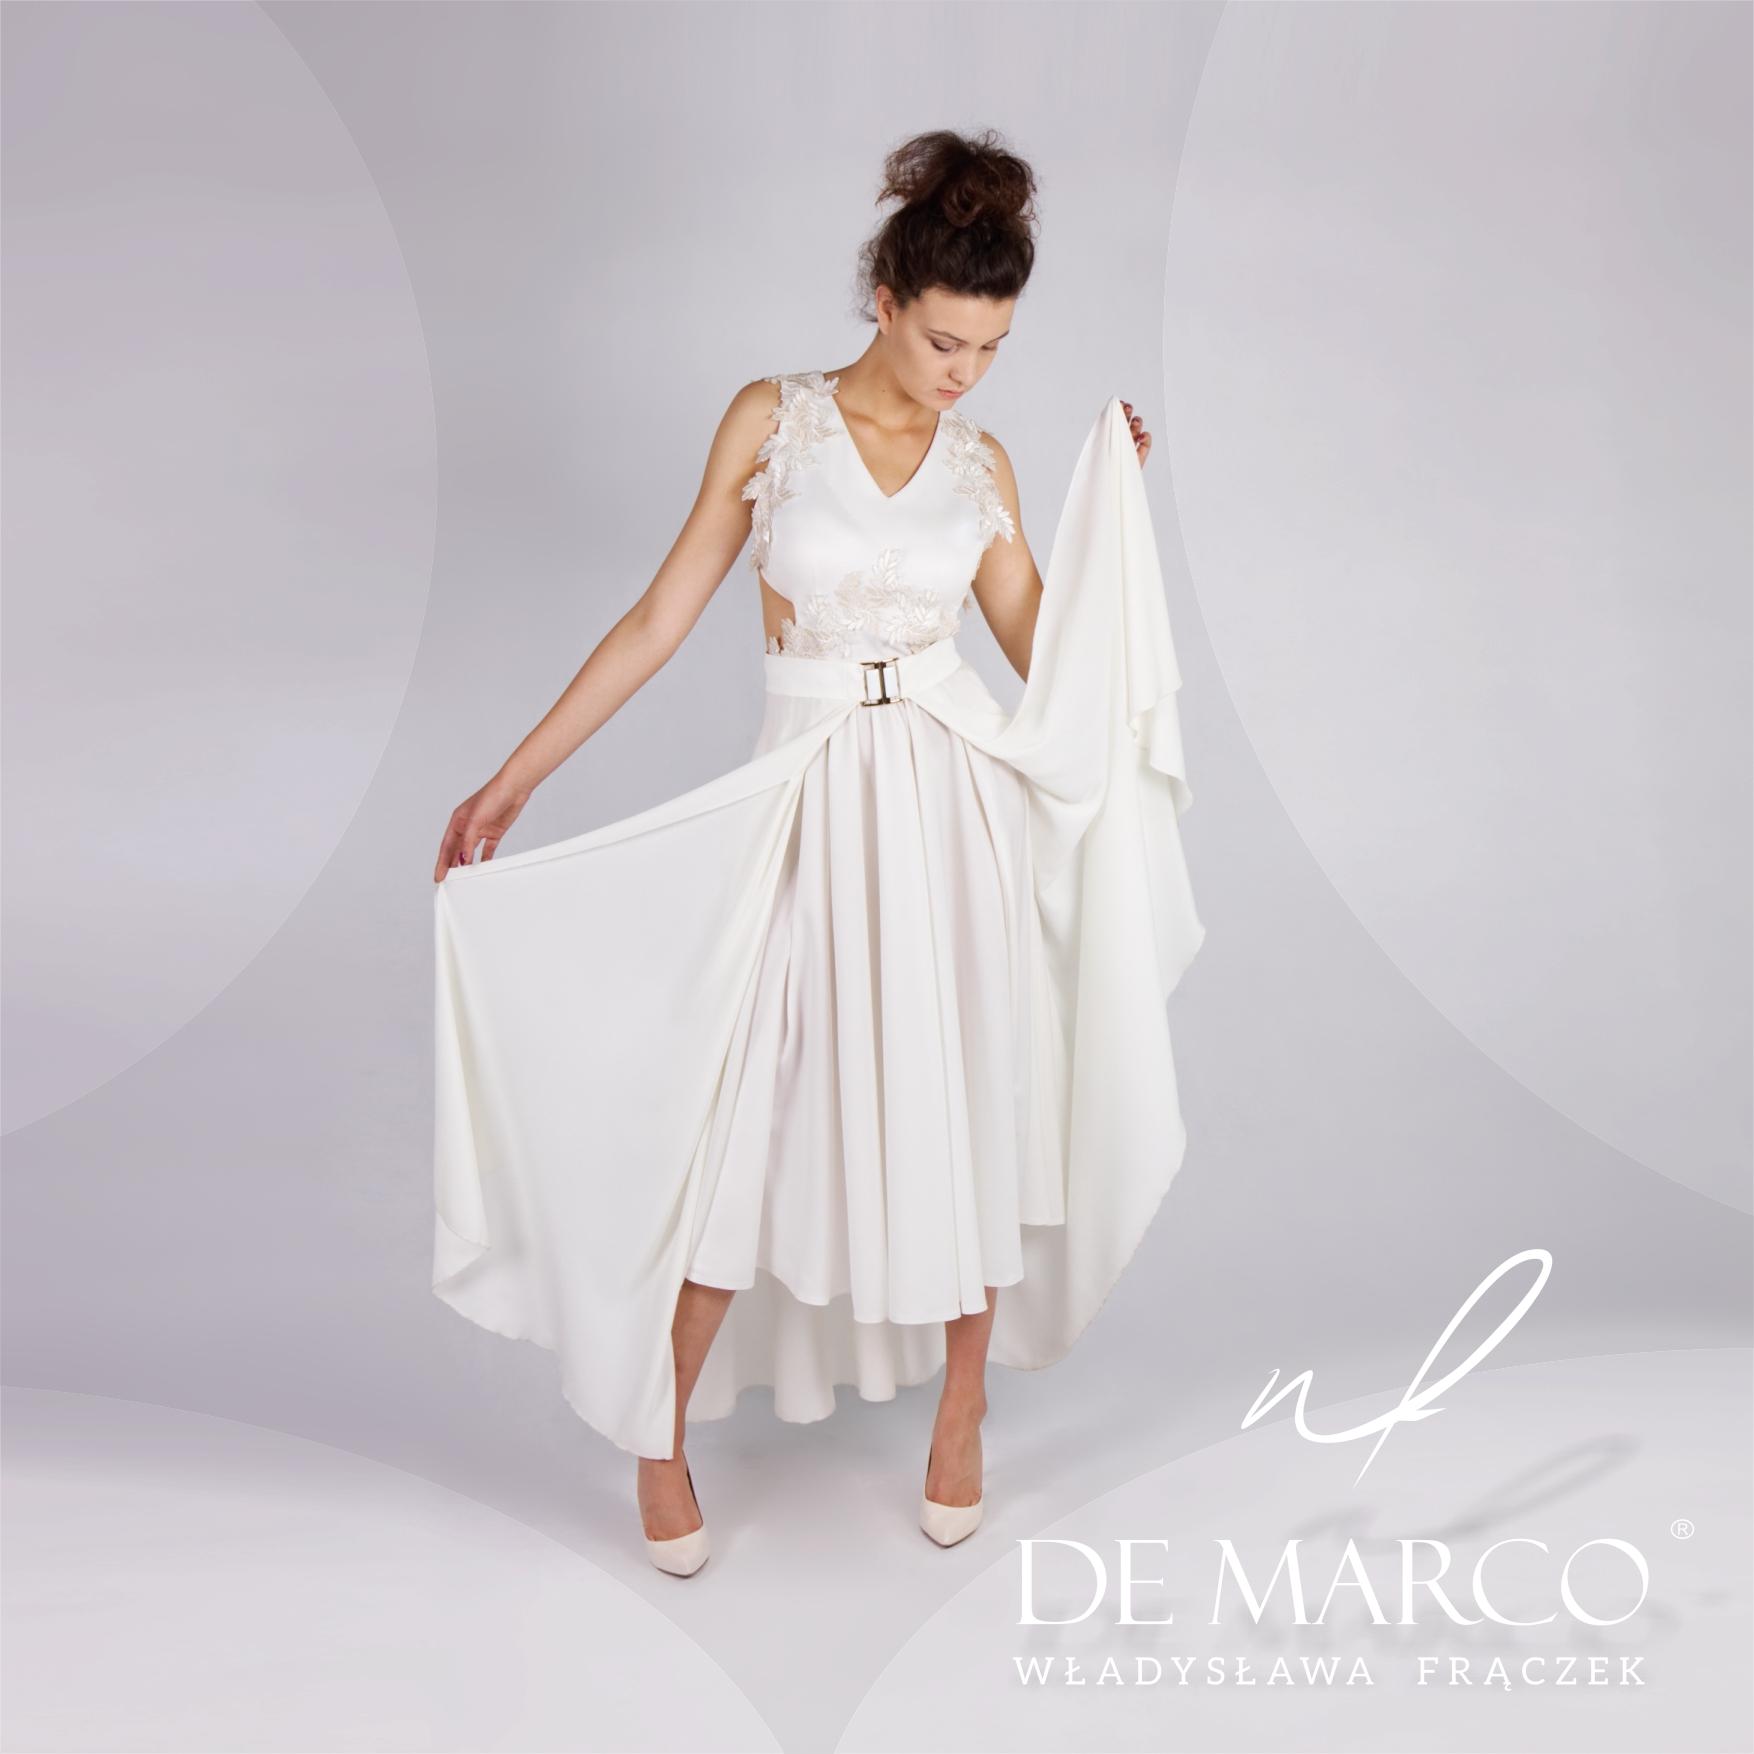 Sukienka do ślubu cywilnego, suknia ślubna na piuerwszy i na drugi dzień od projektantki. Kreacje na ślub dla młodej pani po 40+ szyte na miarę w De Marco. Sklep internetowy.